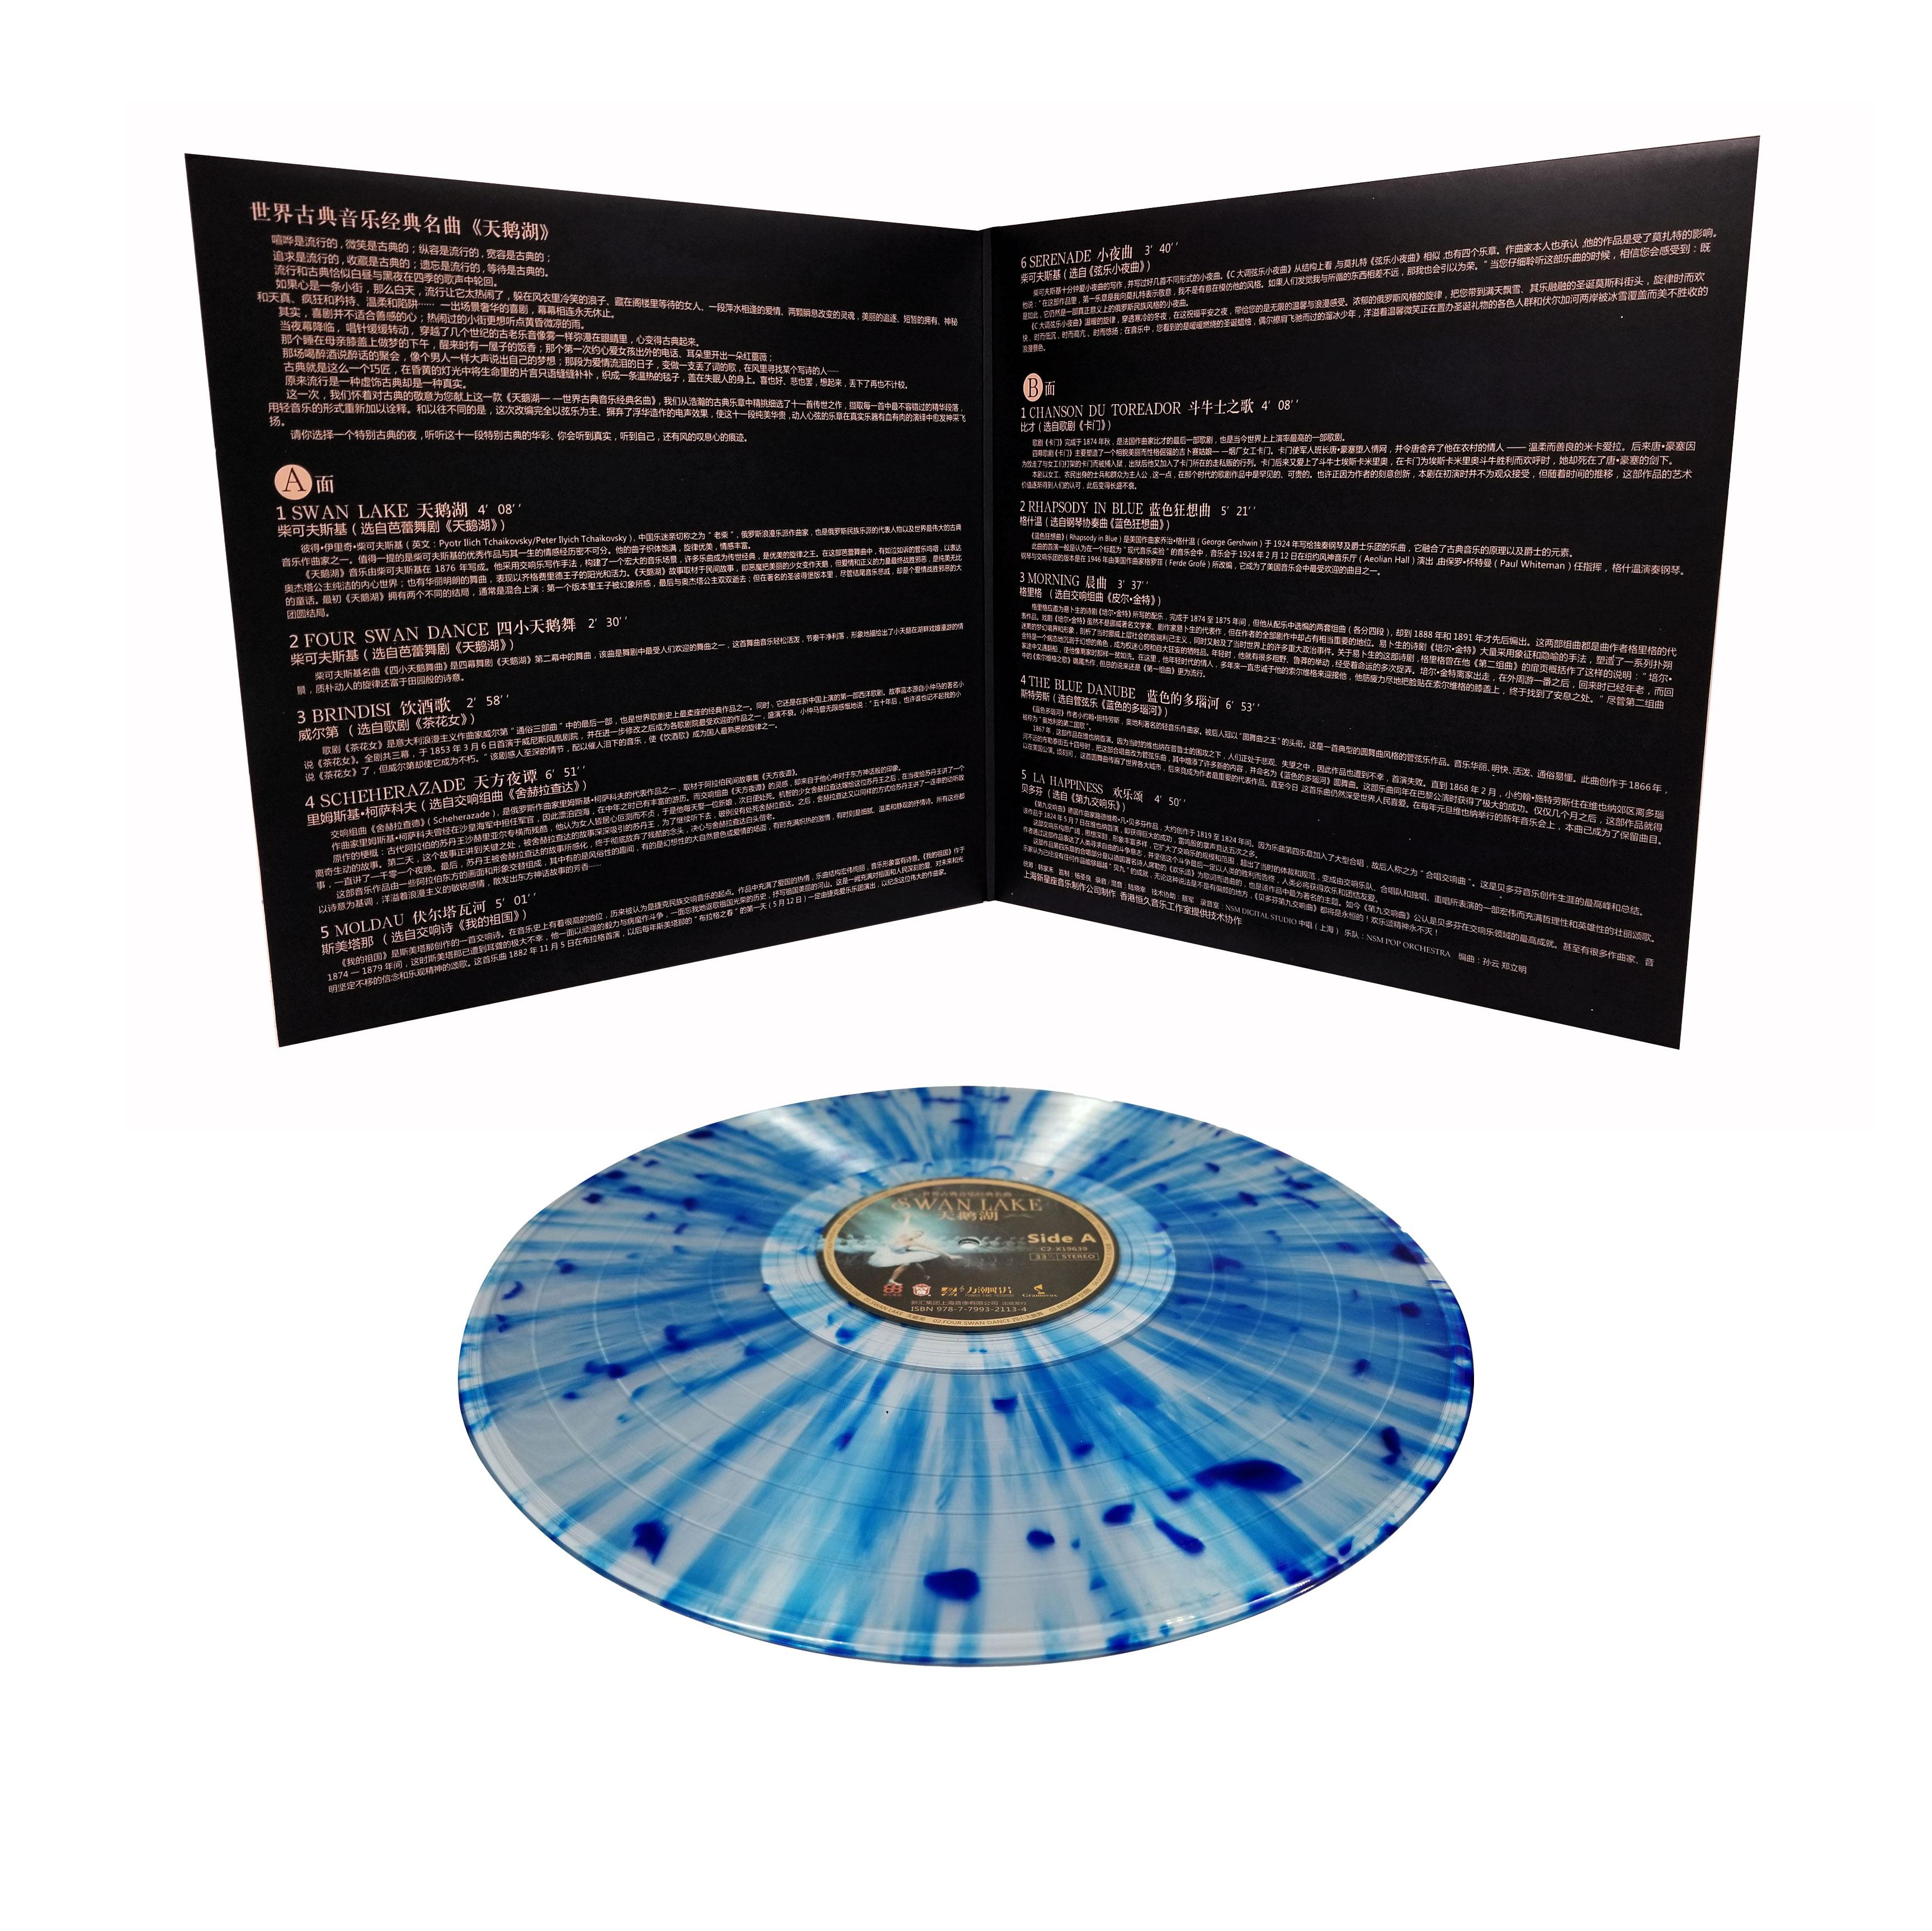 Custom Color Vinyl Record Sleeve Jacket Vinyl Record Storage Outer Vinyl Records Cover Sleeves